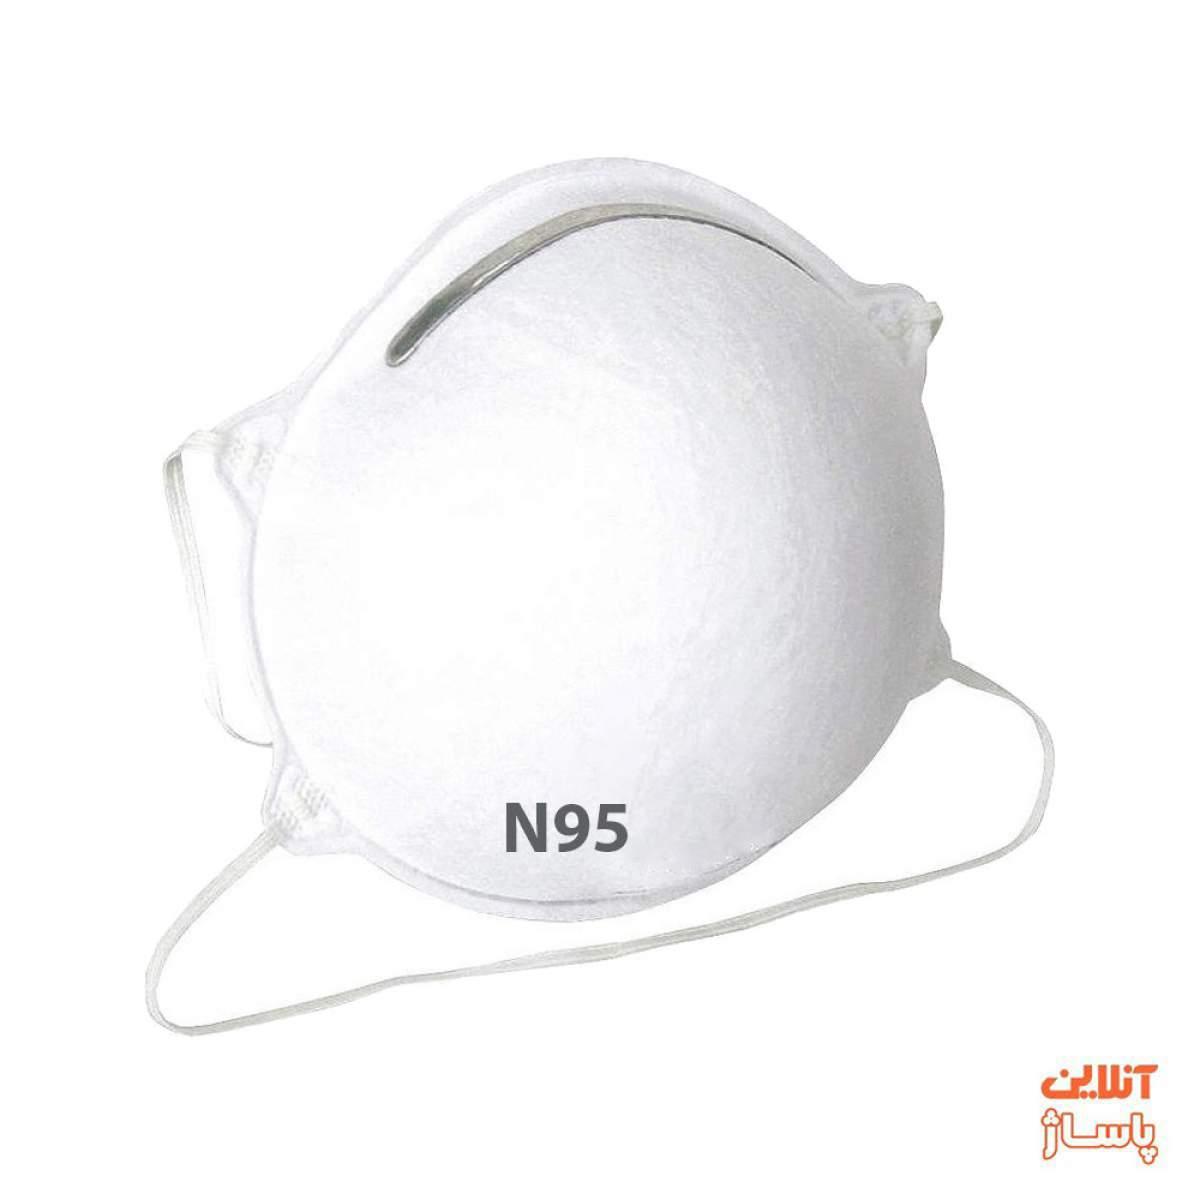 ماسک فیلتردار  n95 کد 2045